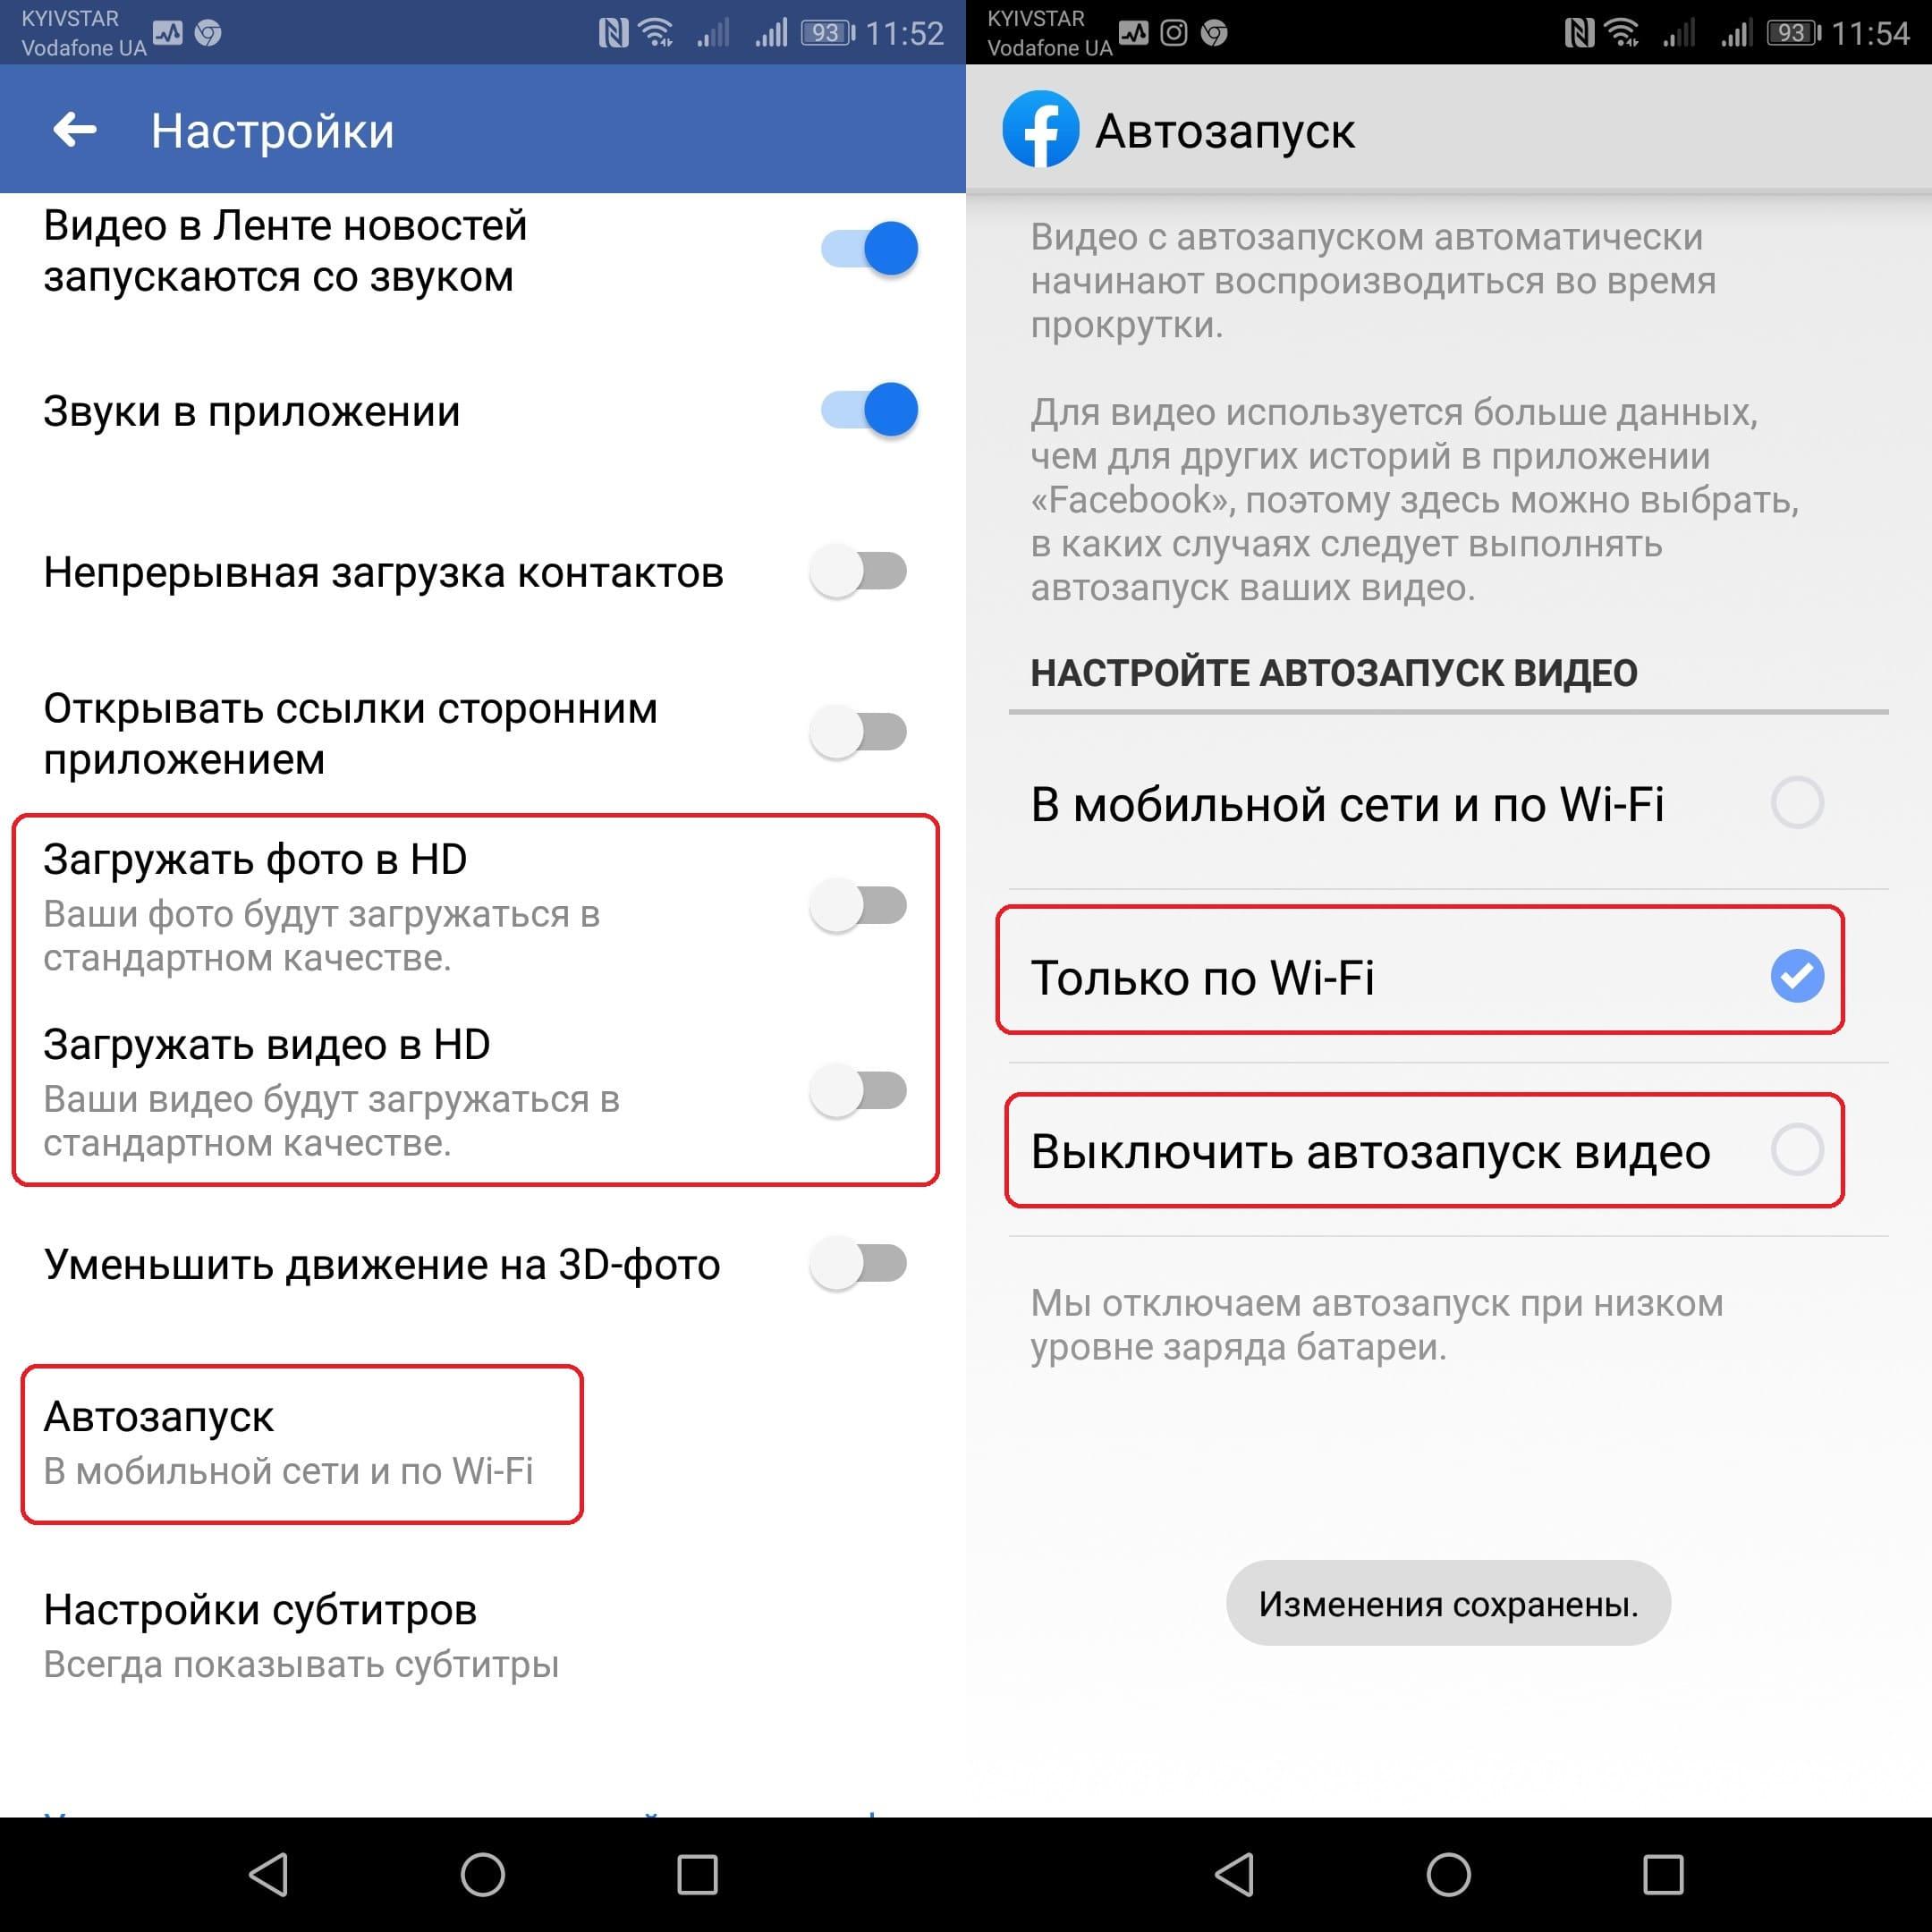 Картинка 2 Как снизить потребление мобильных данных приложением Facebook на Android